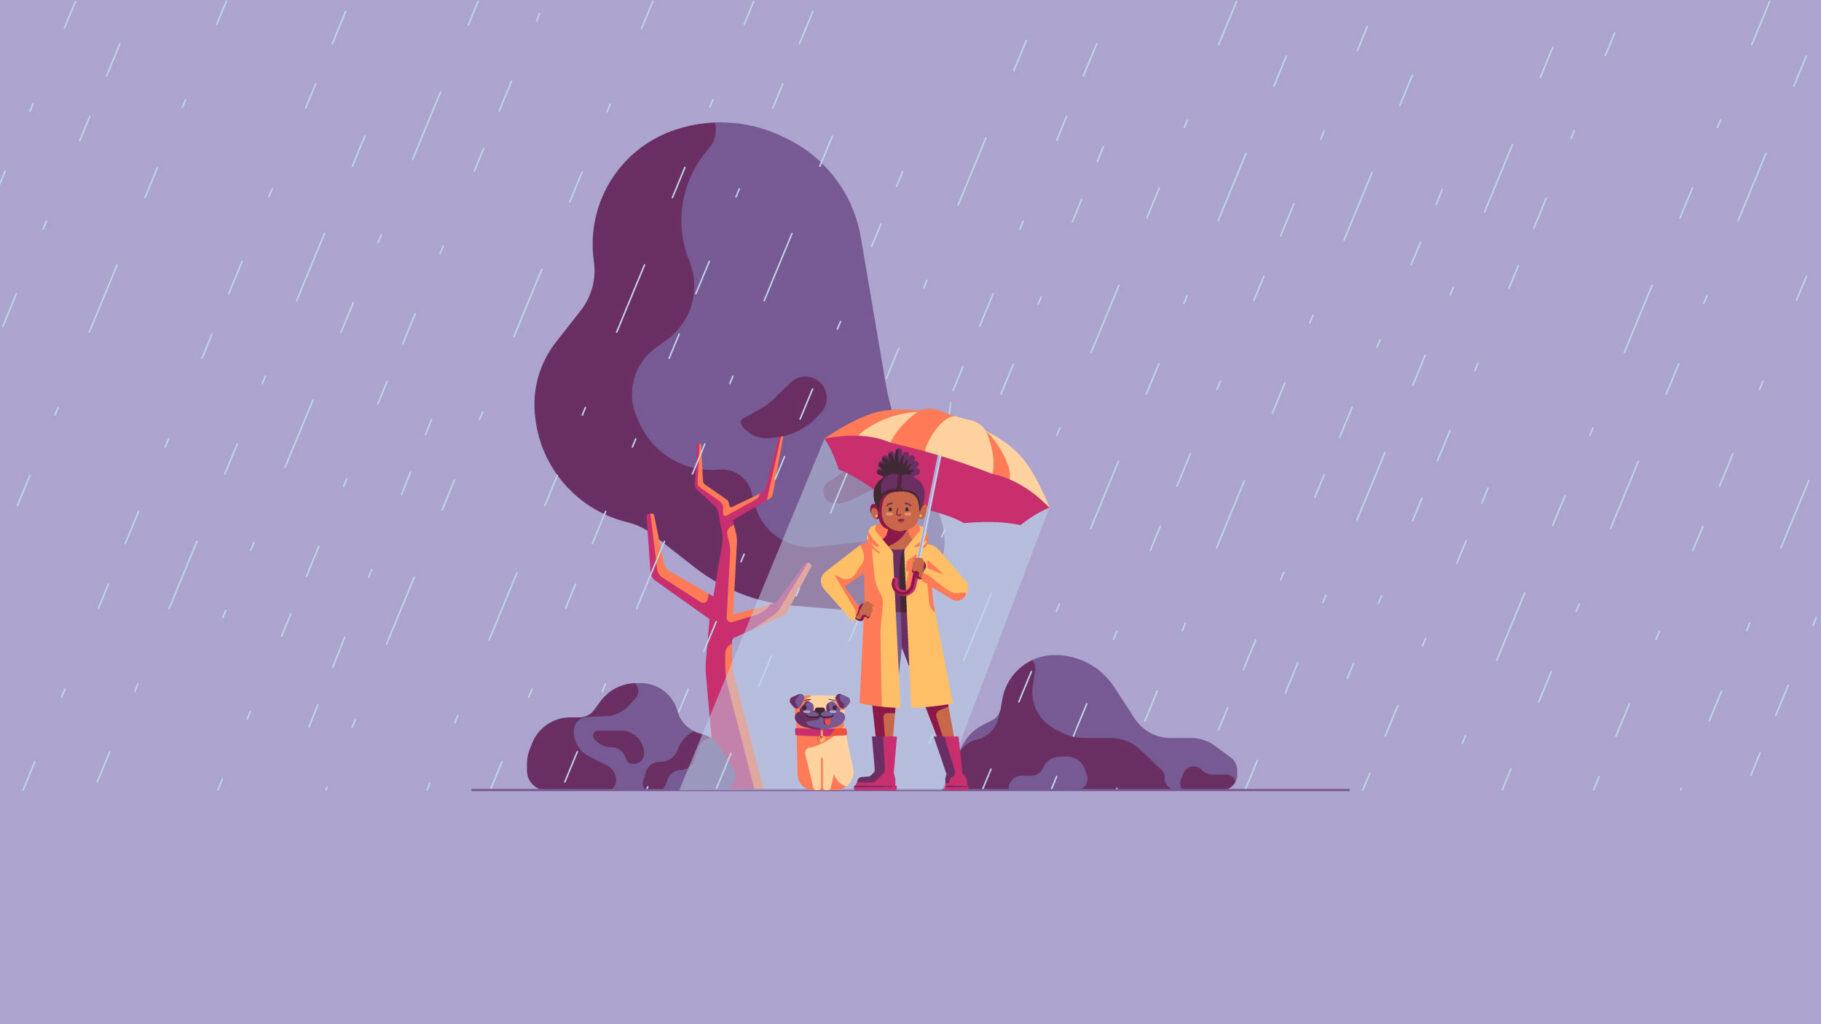 Illustration system rainy day scene